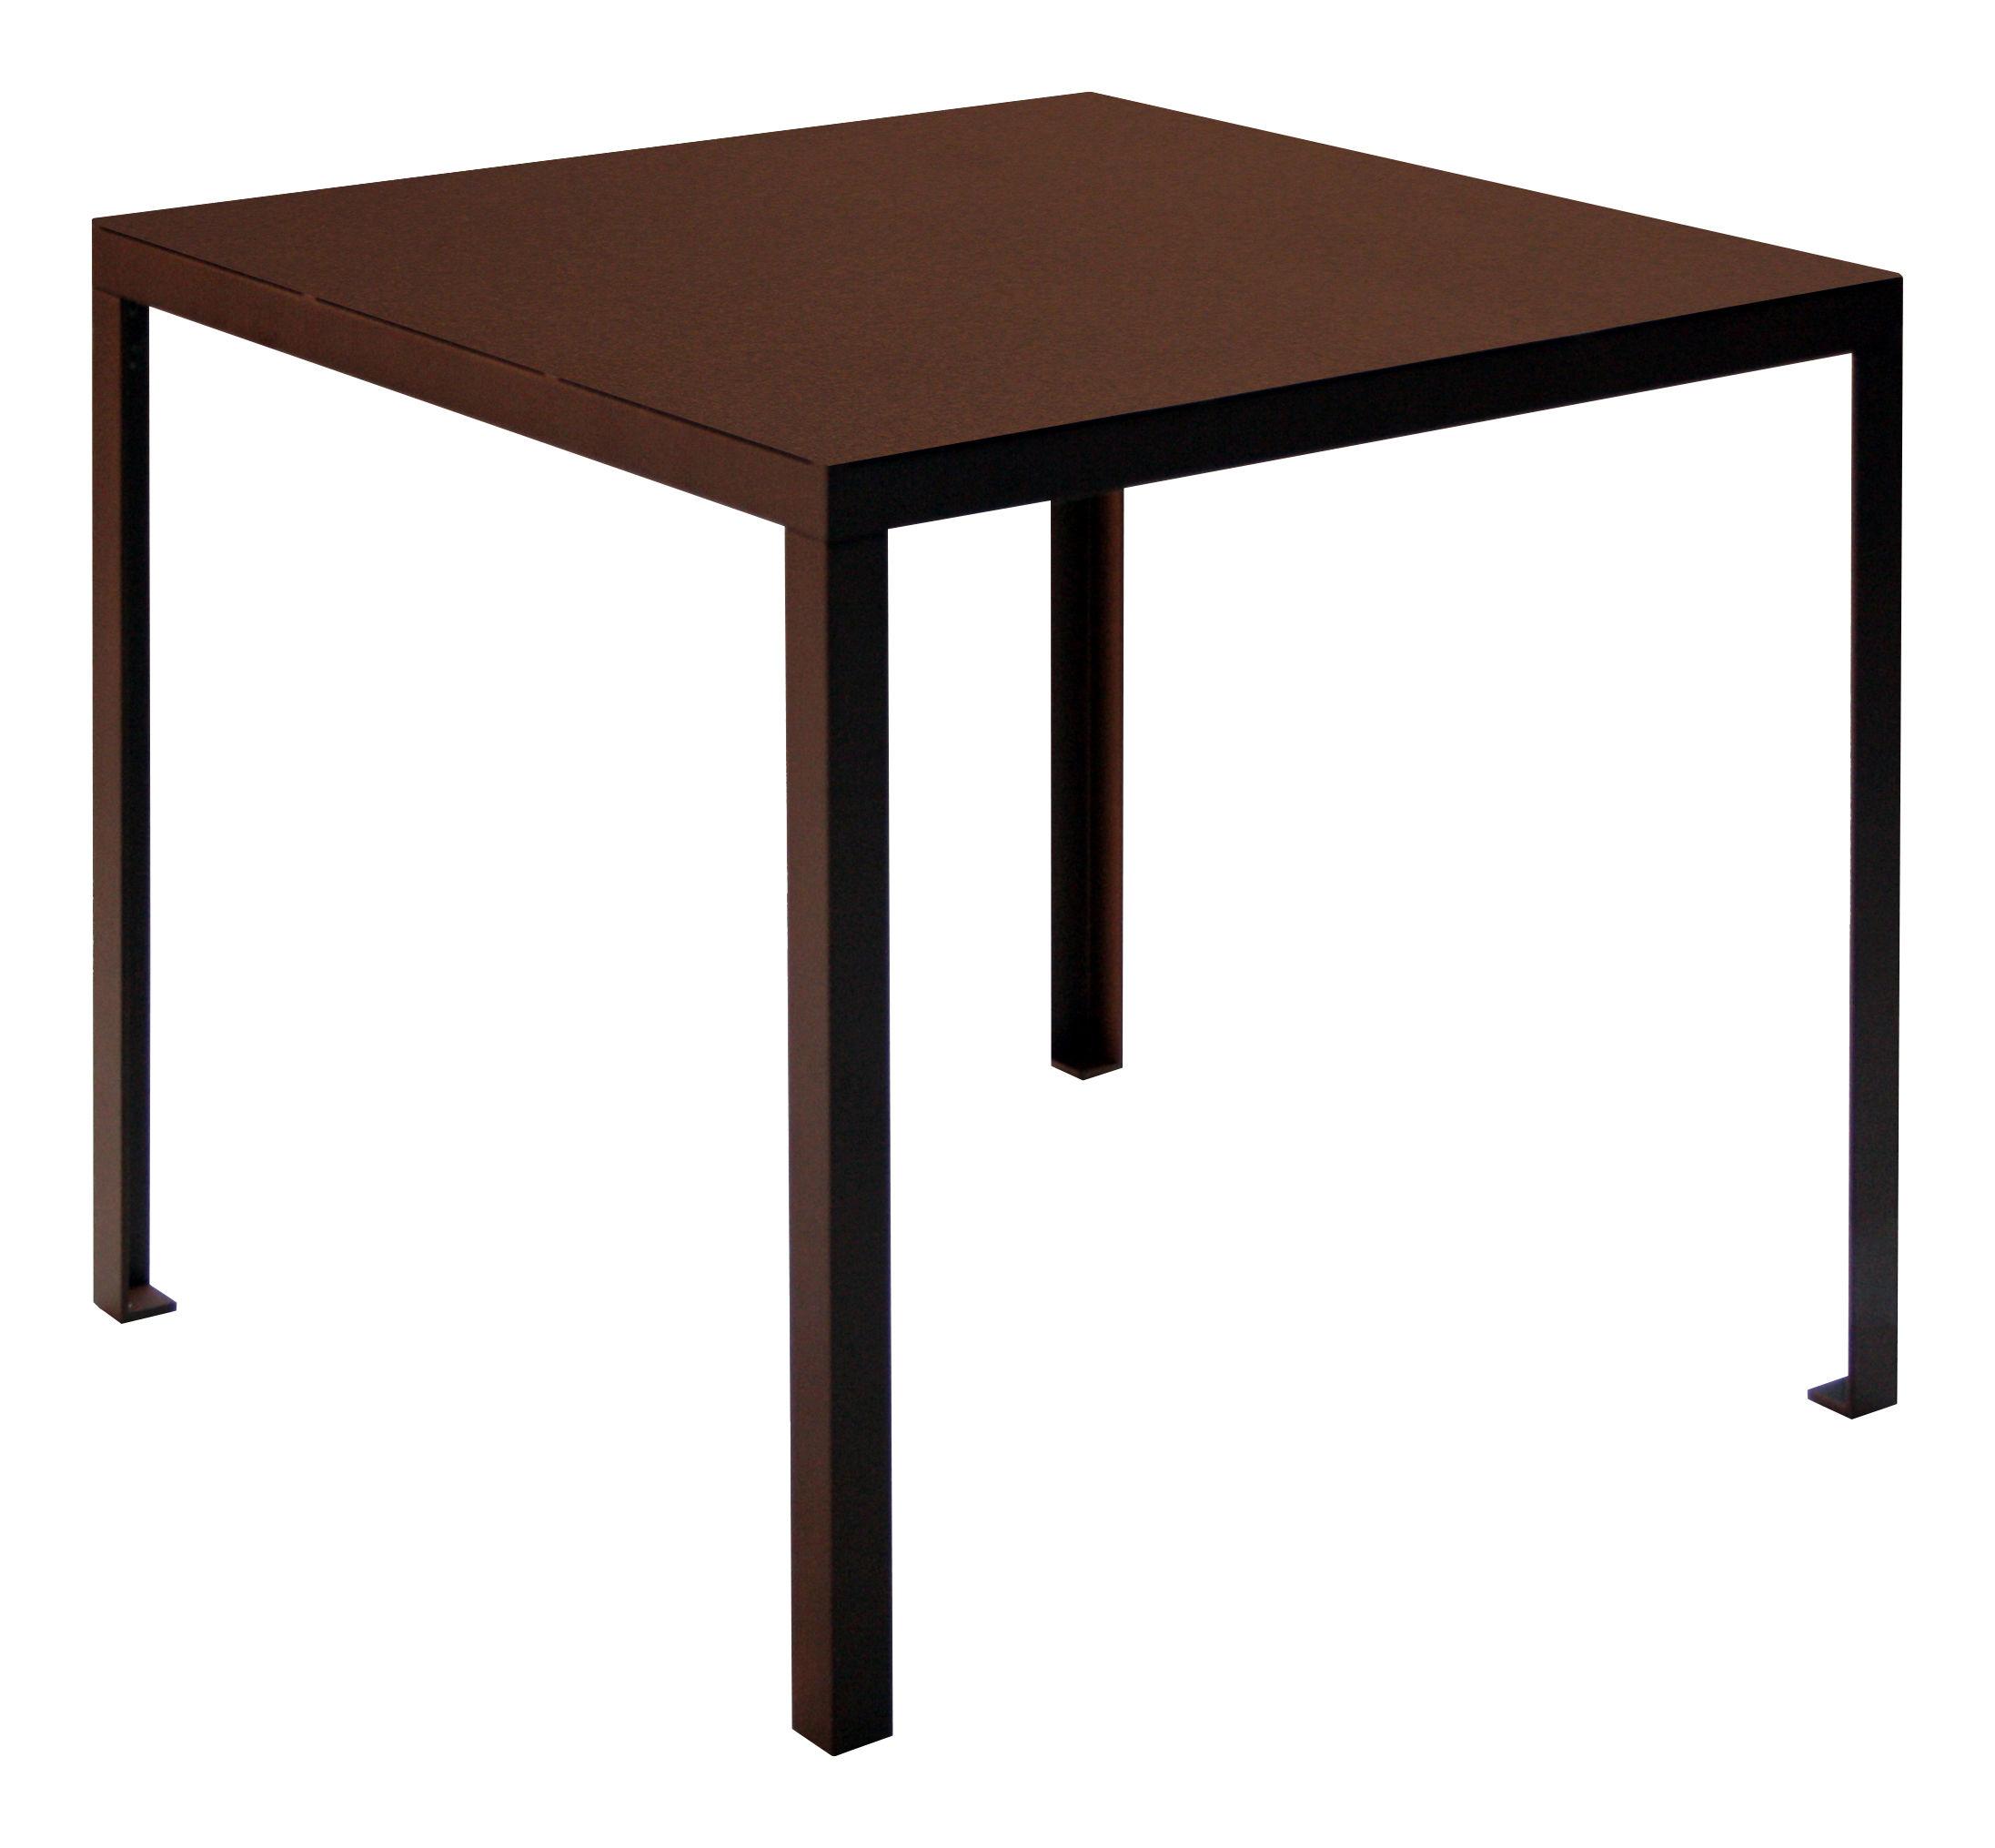 Outdoor - Garden Tables - Rusty Table - 80 cm x 80 cm by Zeus - Rust - 80 x 80 cm - Painted steel